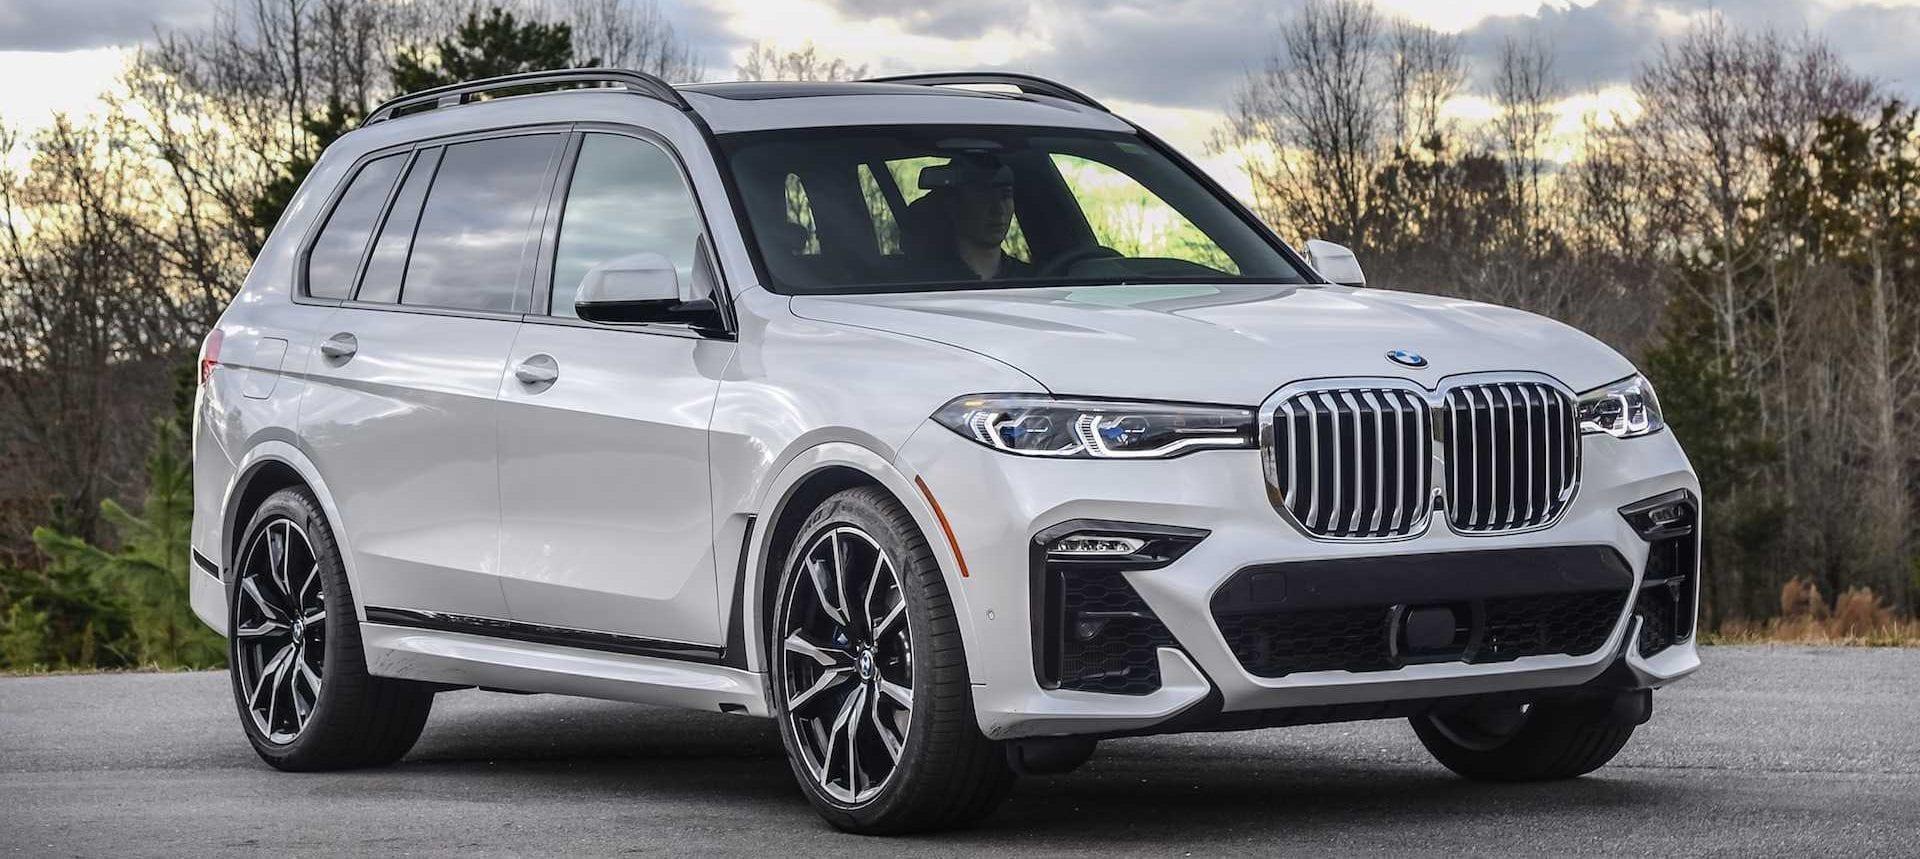 سيارة BMW X7 2019